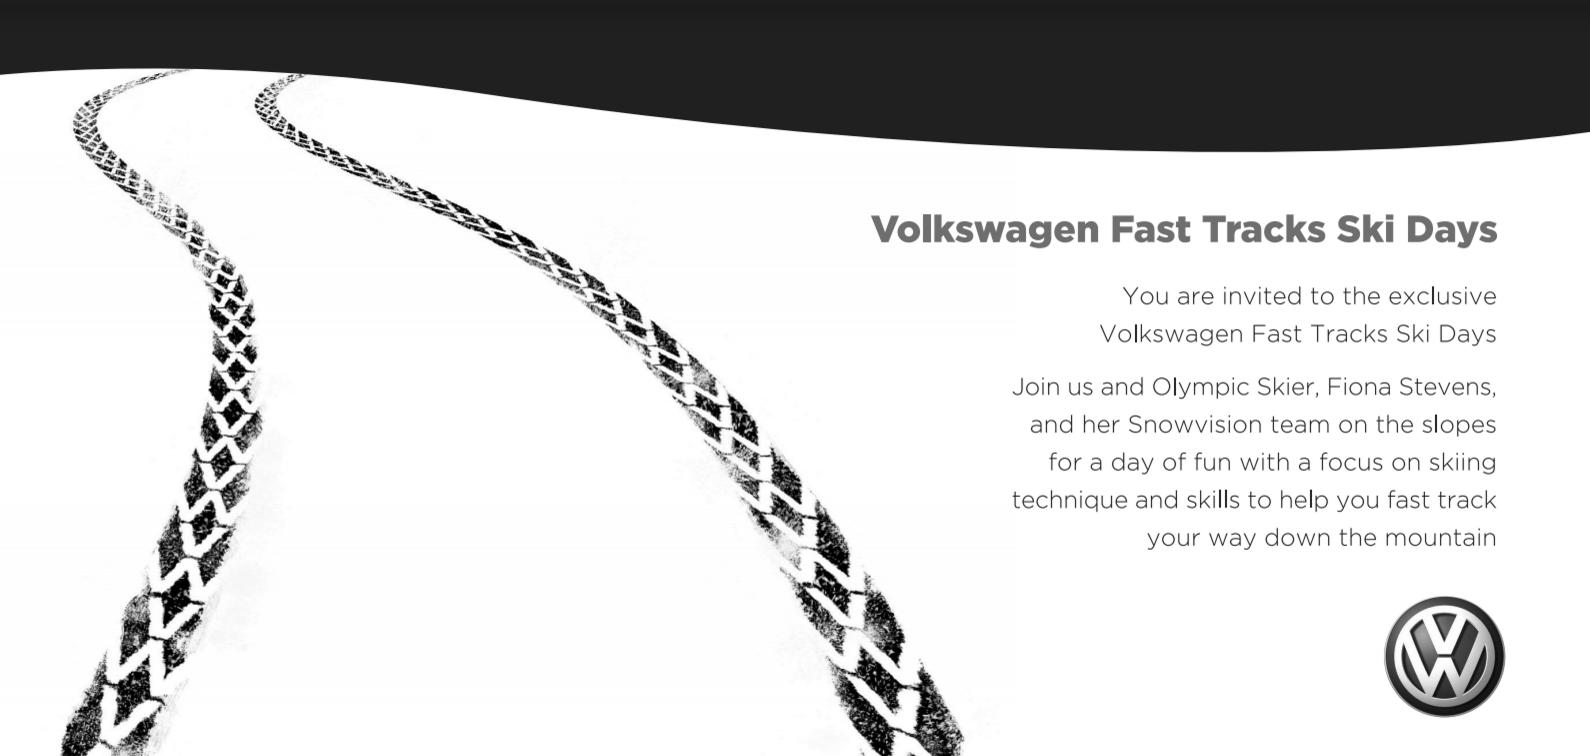 Invitation to the VW Blackonwhite Ski Days.